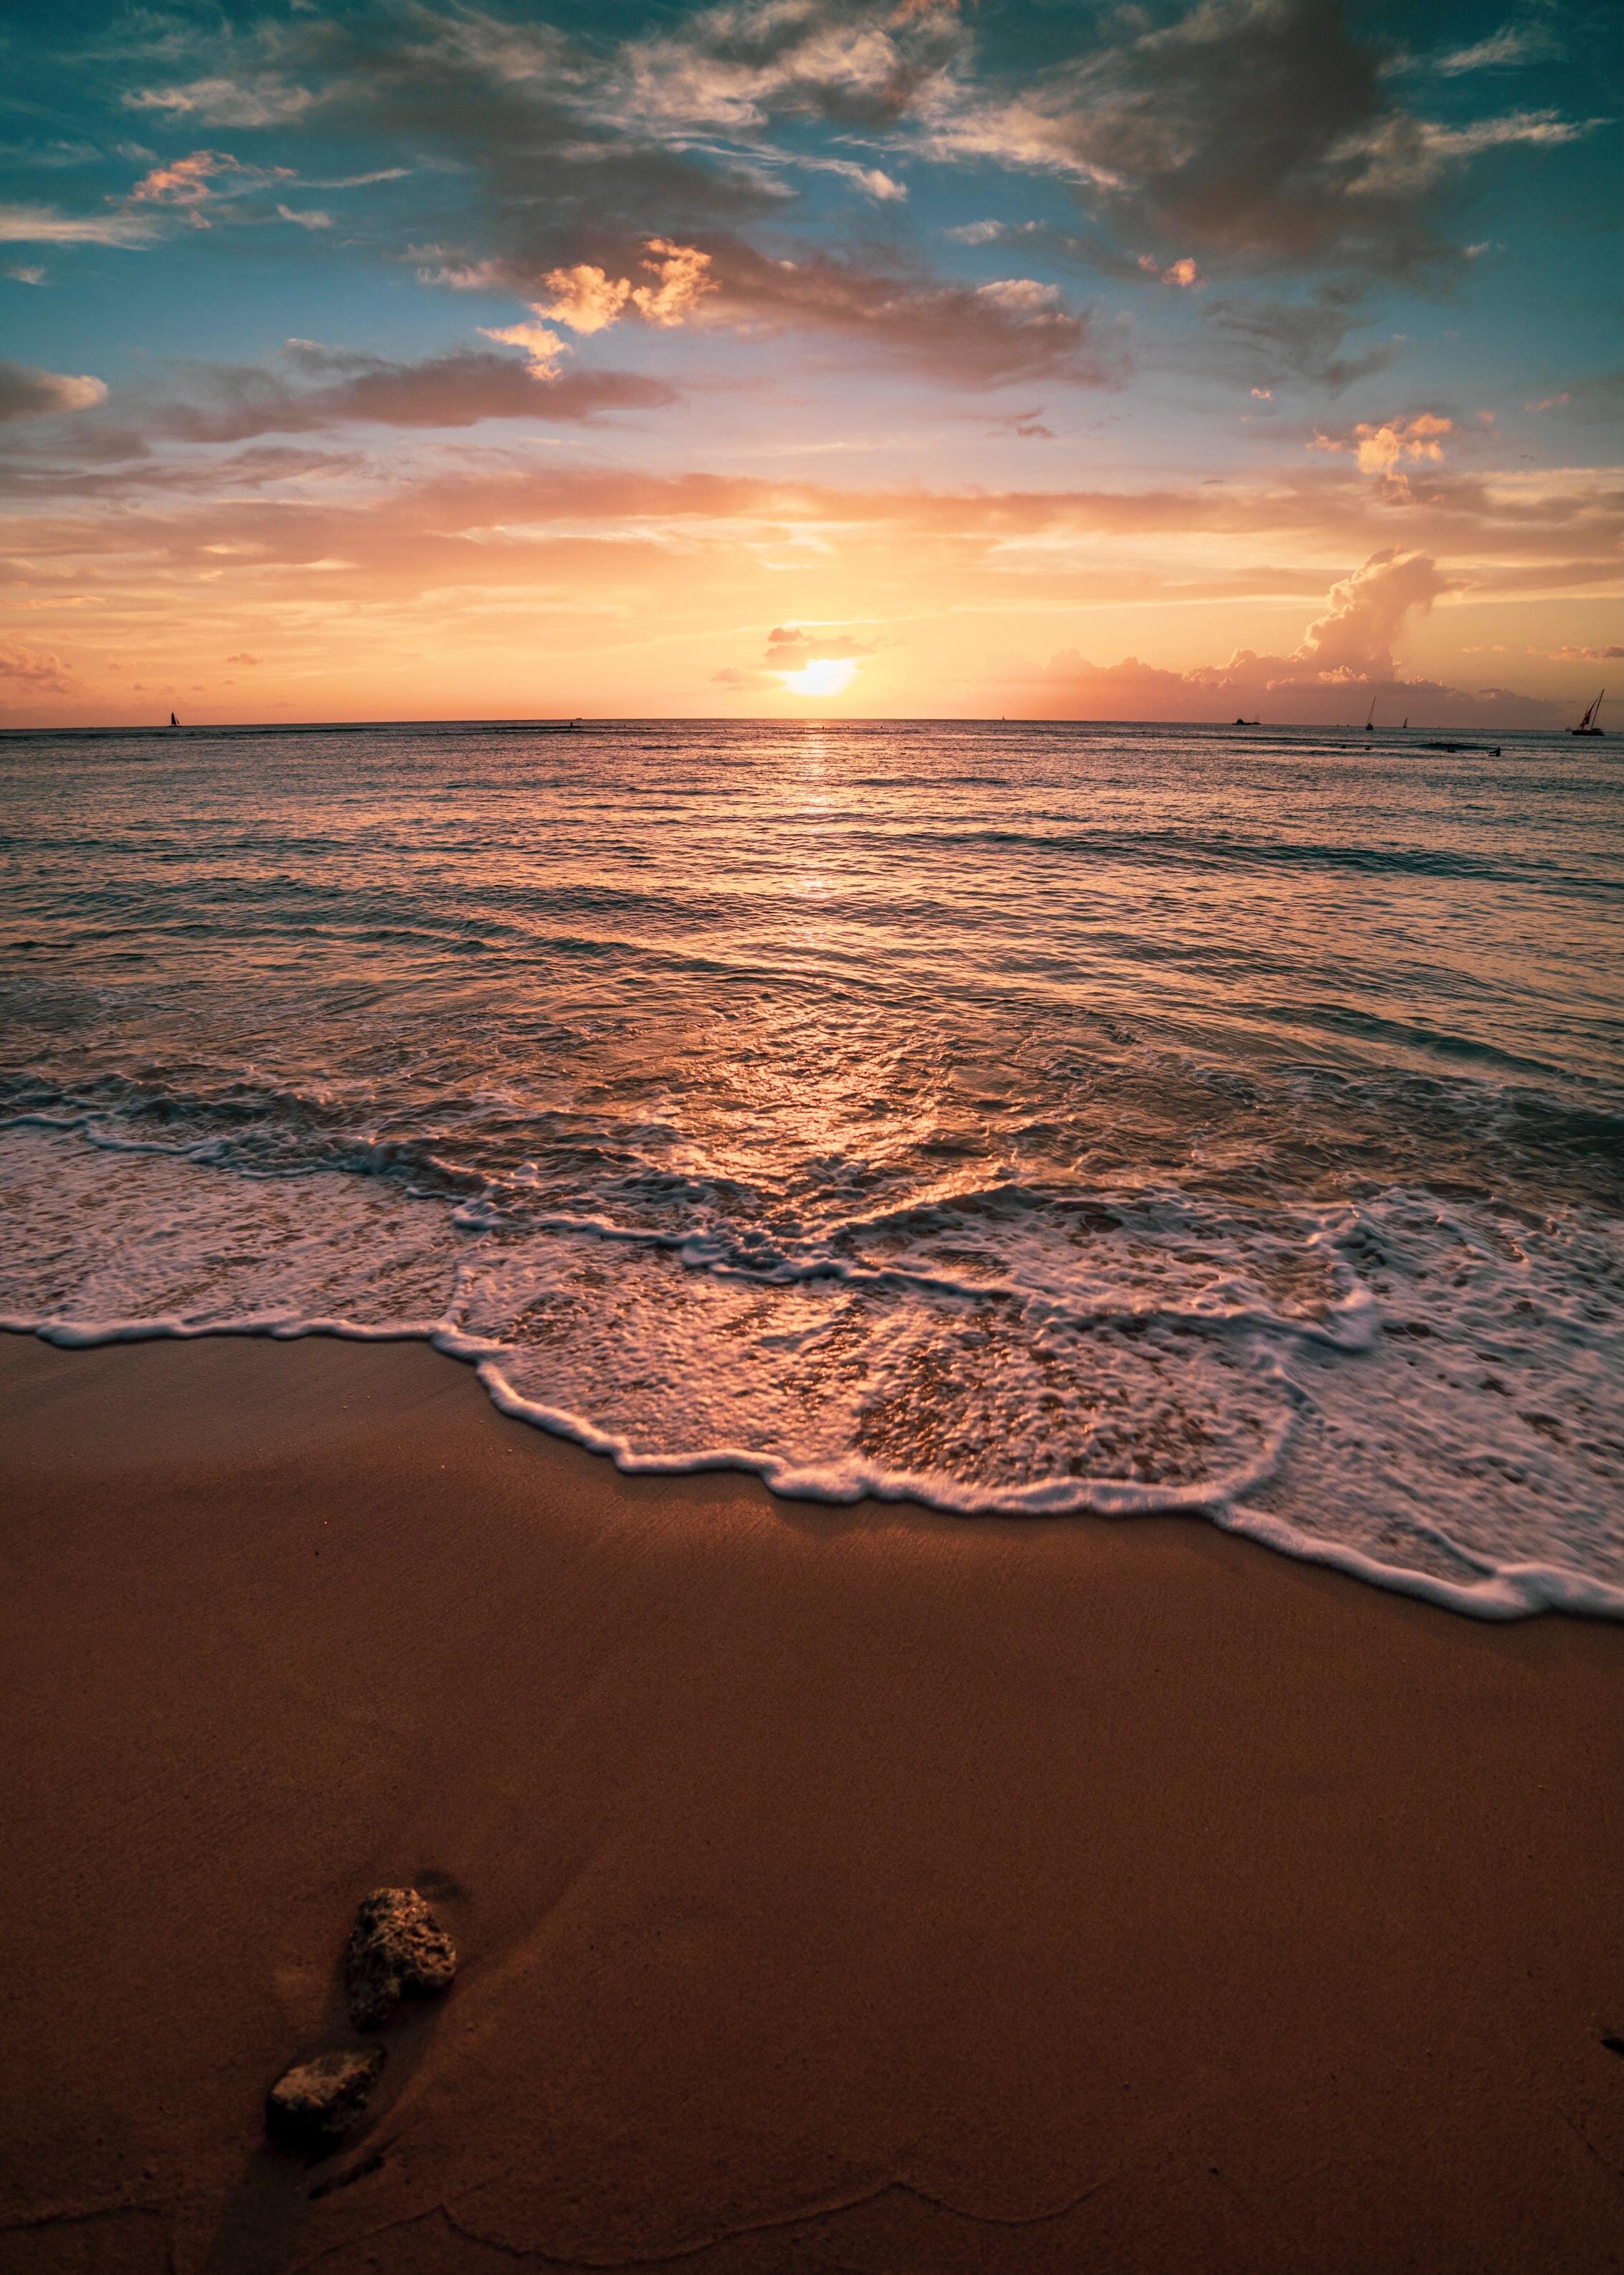 139623 Заставки и Обои Пляж на телефон. Скачать Природа, Закат, Море, Пляж, Вода, Сумерки, Волны картинки бесплатно